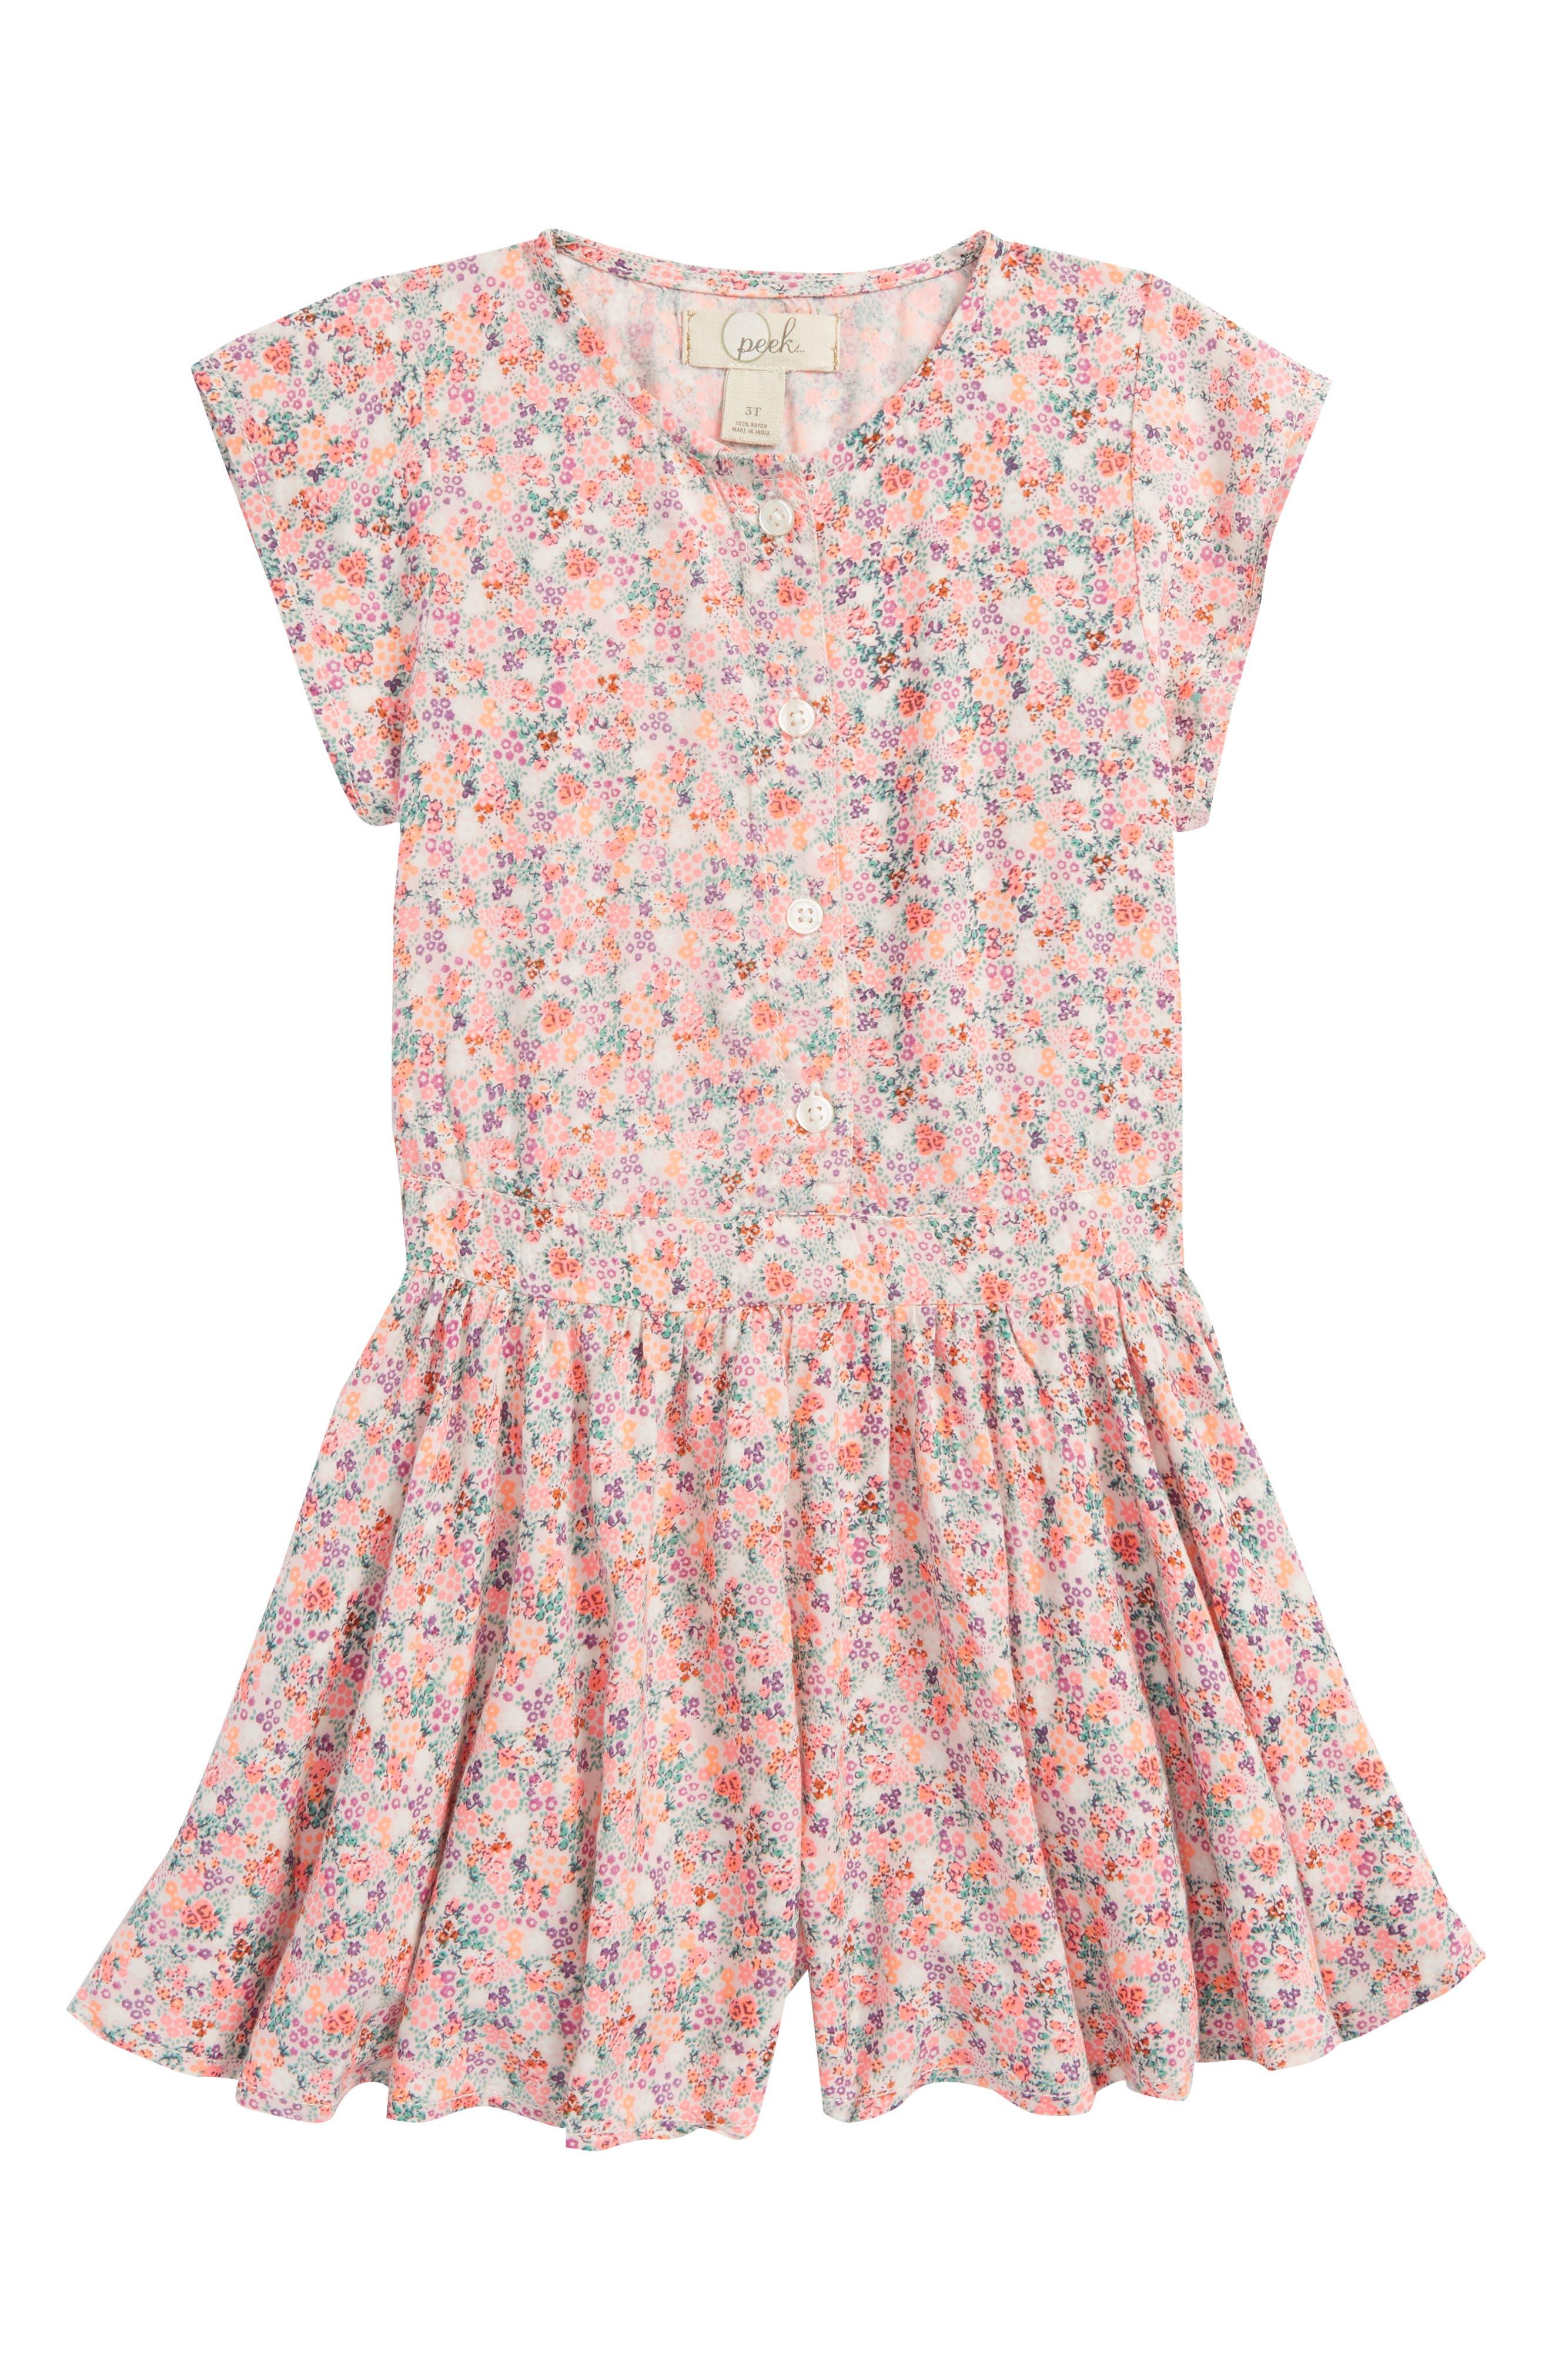 Alternate Image 1 Selected - Peek Lenora Floral Romper (Toddler Girls, Little Girls & Big Girls)